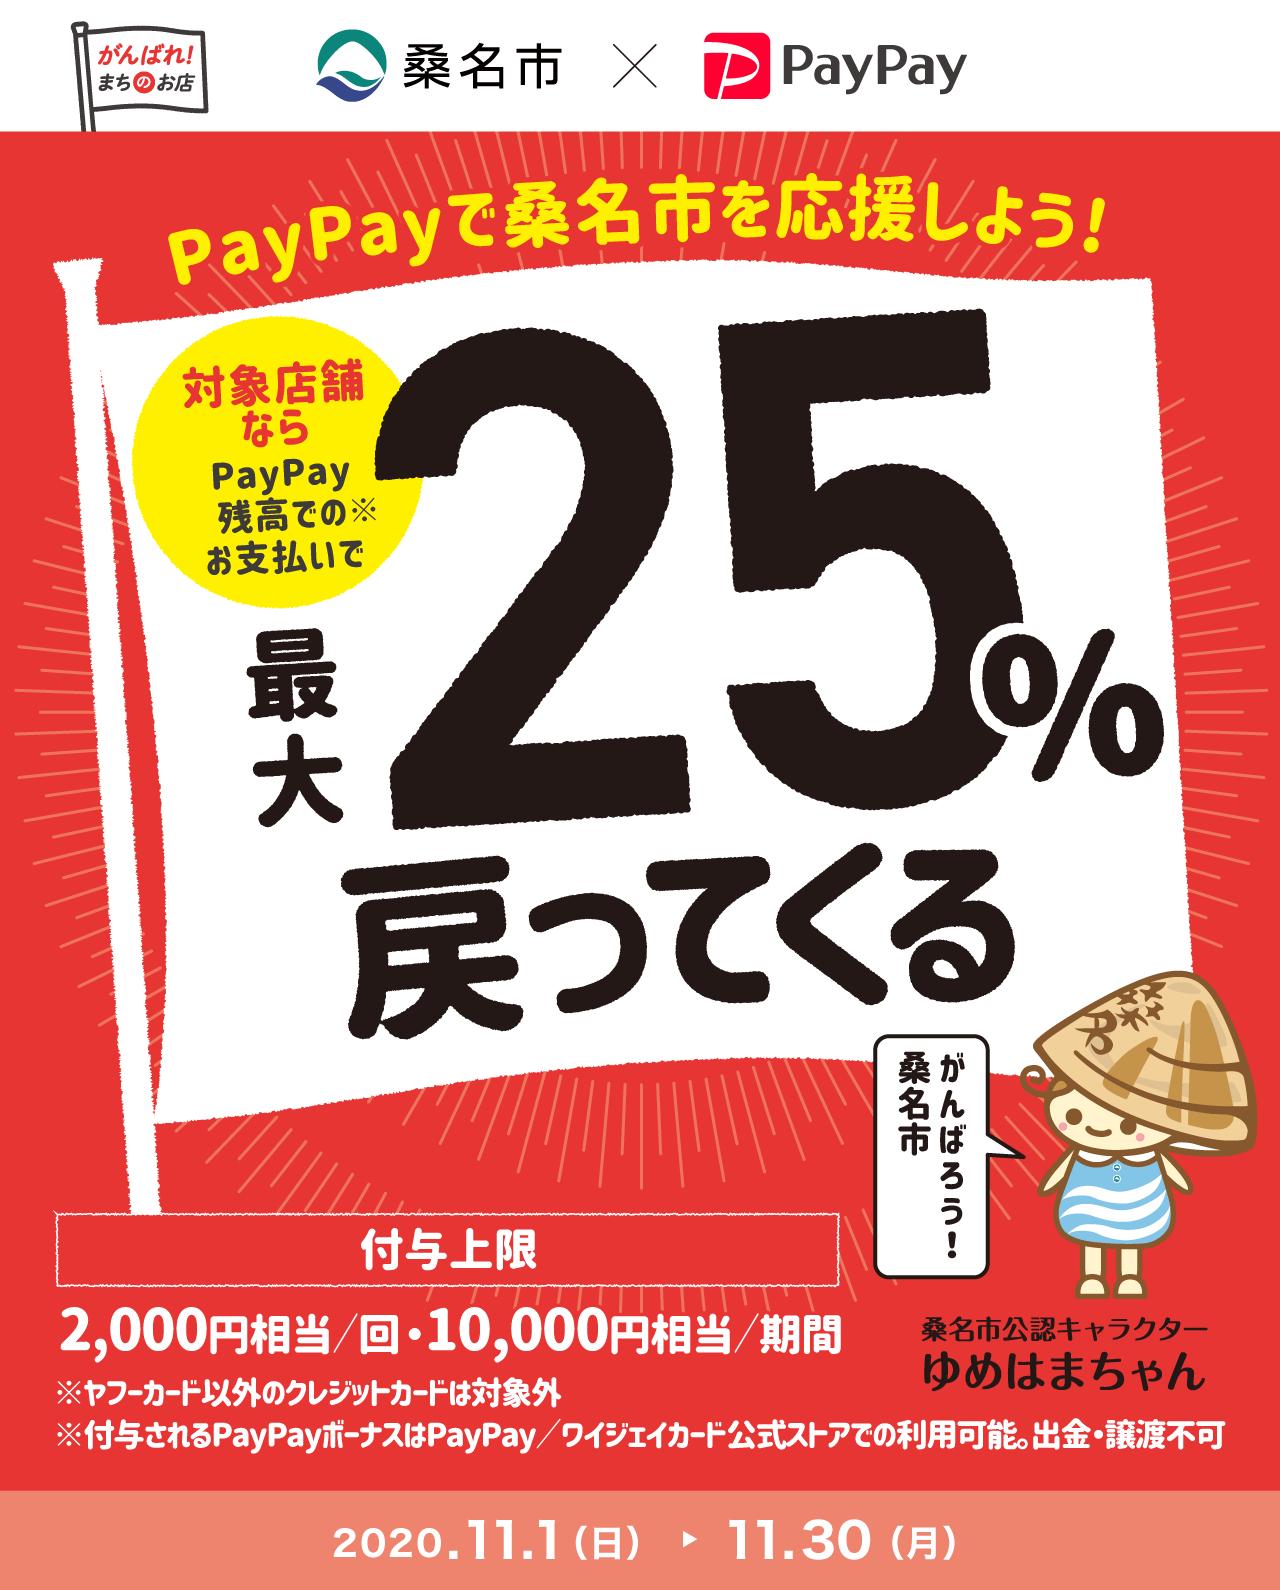 PayPayで桑名市を応援しよう! 対象店舗ならPayPay残高でのお支払いで 最大25%戻ってくる